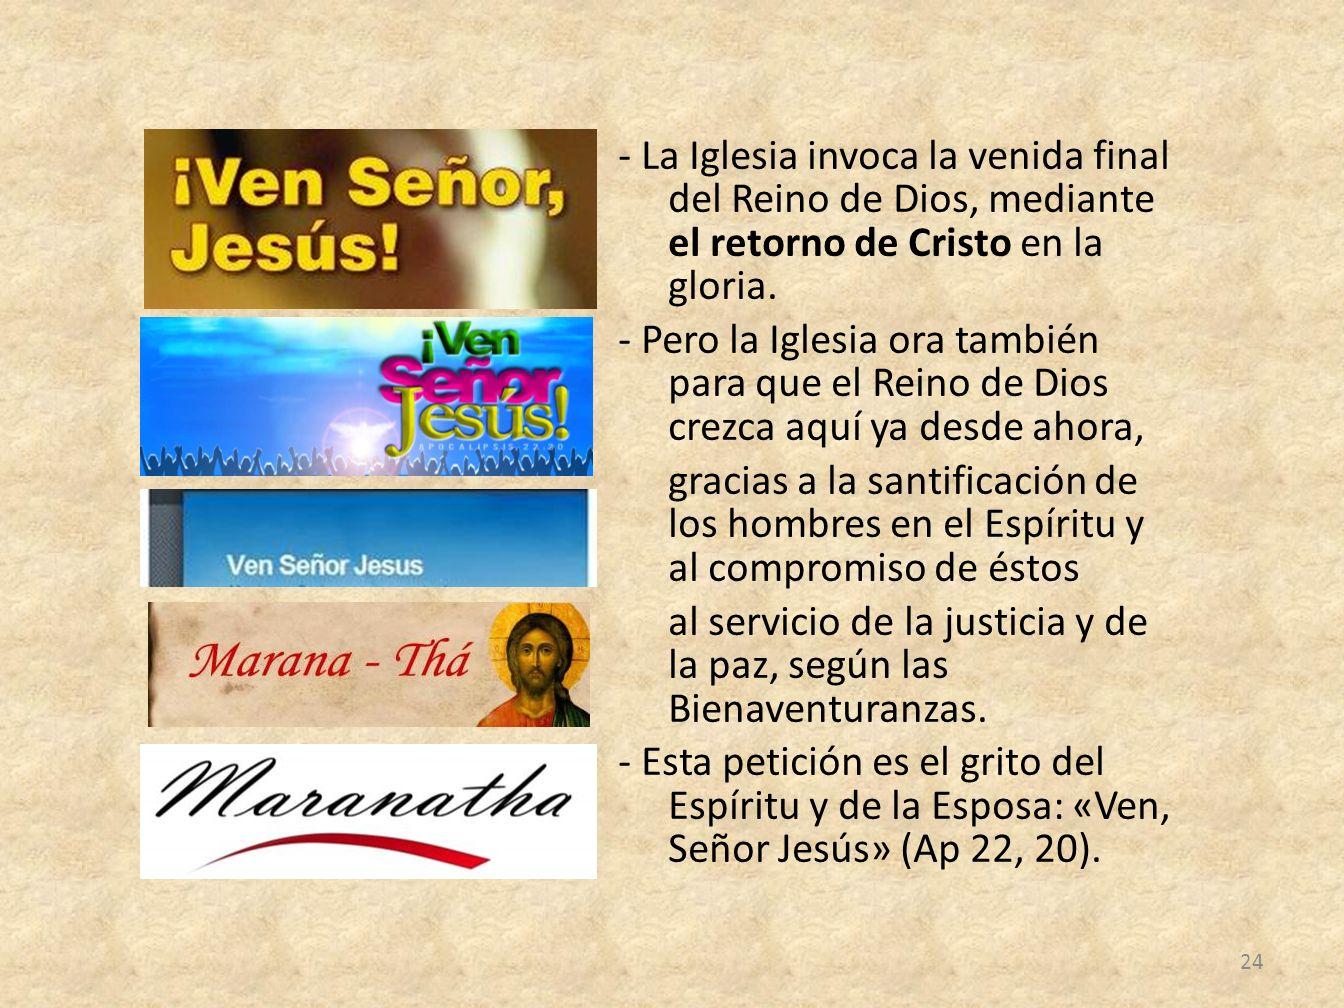 - La Iglesia invoca la venida final del Reino de Dios, mediante el retorno de Cristo en la gloria. - Pero la Iglesia ora también para que el Reino de